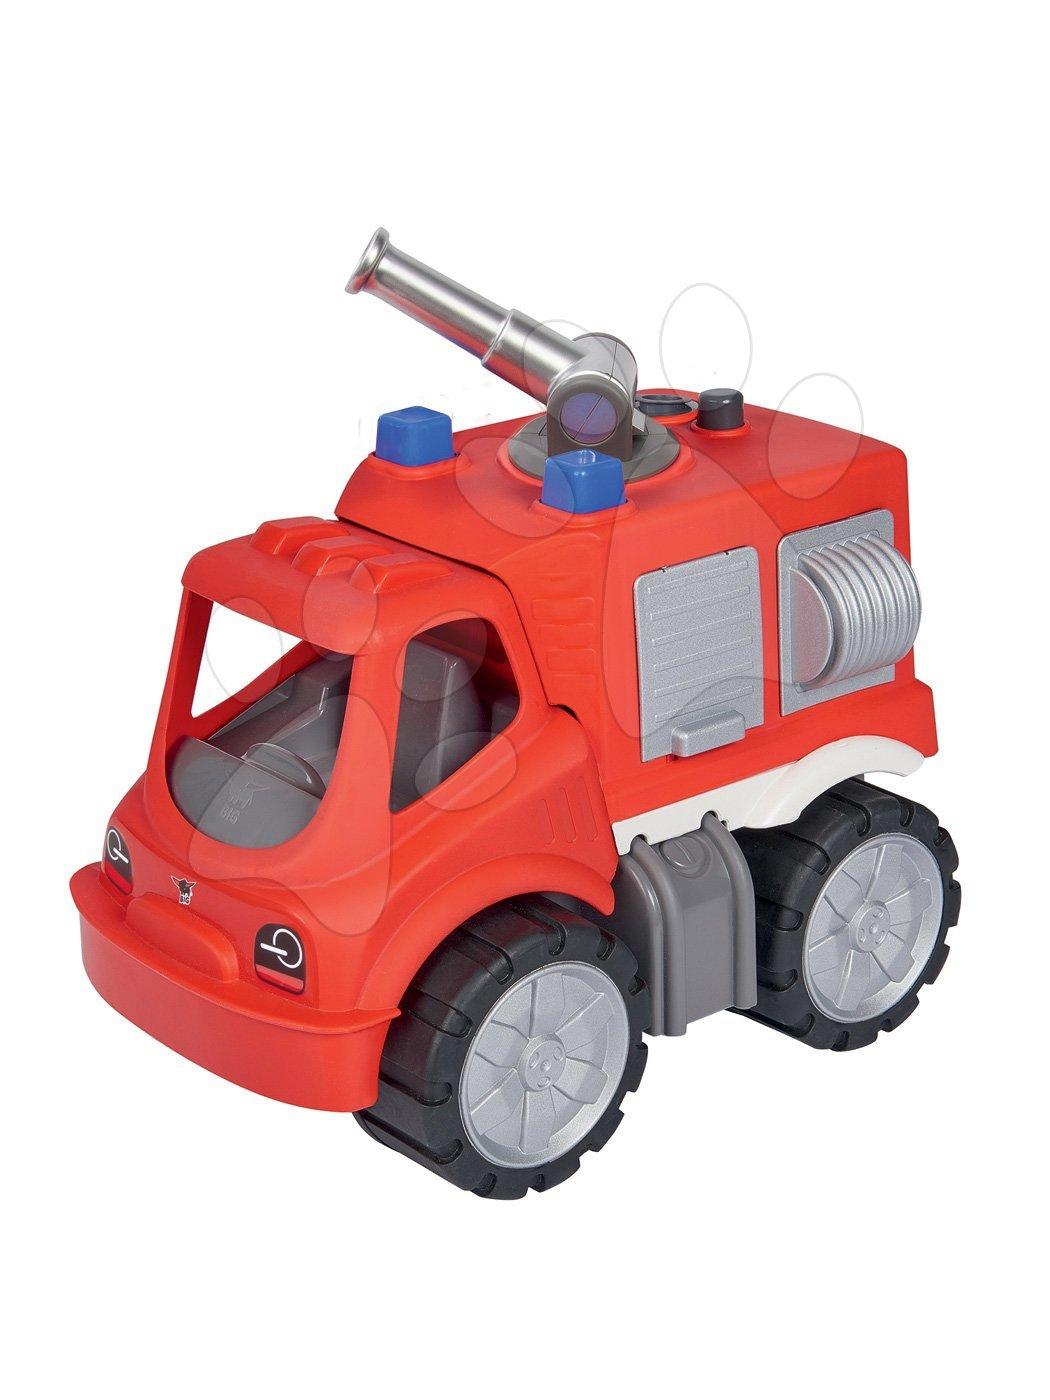 Gasilsko vozilo z vodnim topom Power Worker Fire Fighter Car BIG rdeče od 2 leta